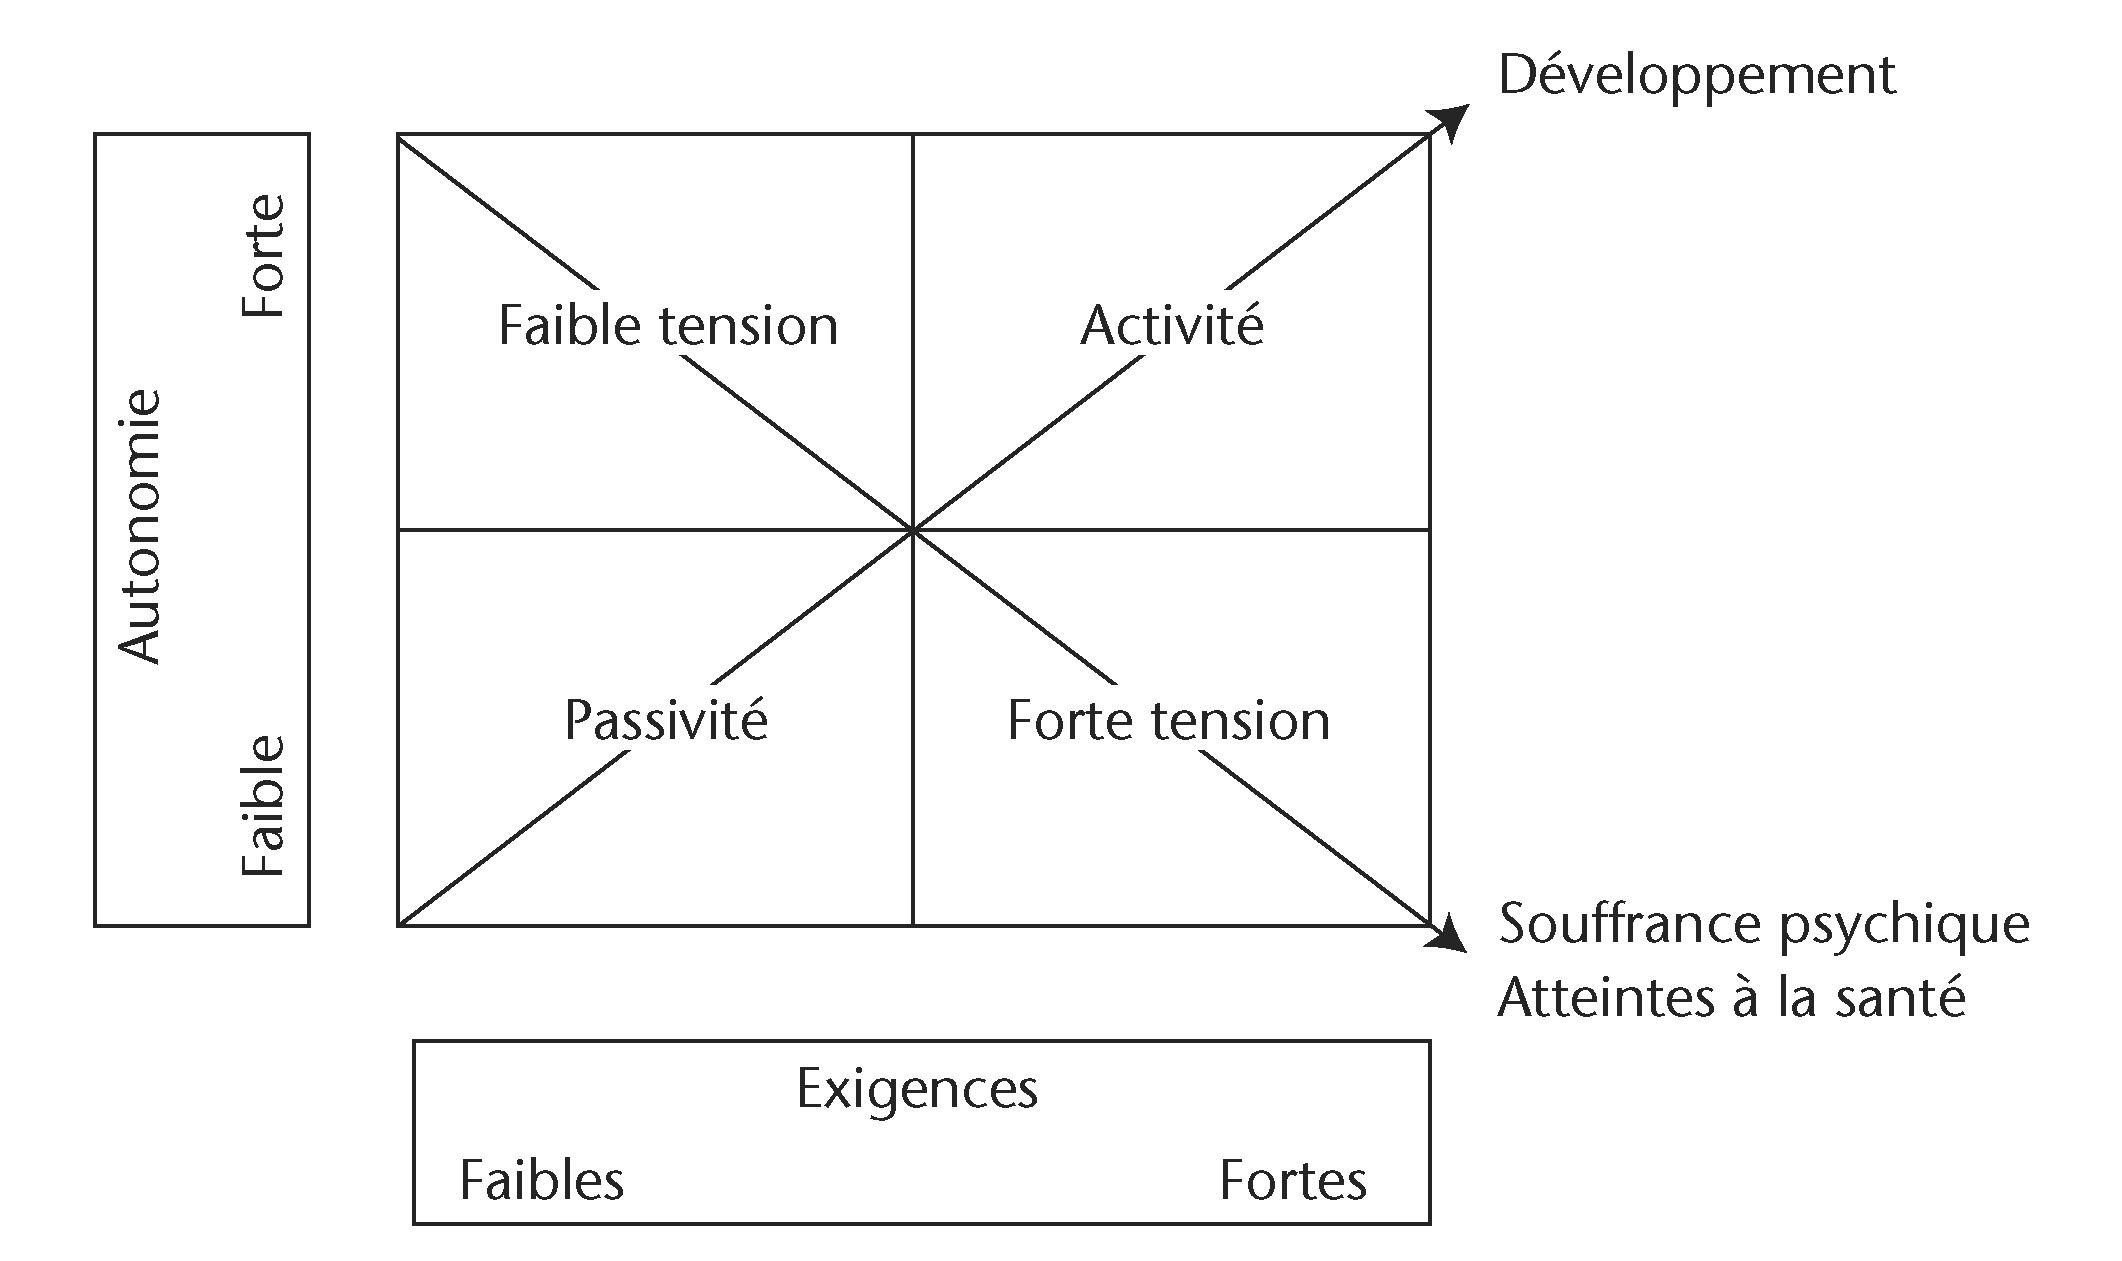 IV. Des choix d'organisation déterminants | Cairn.info